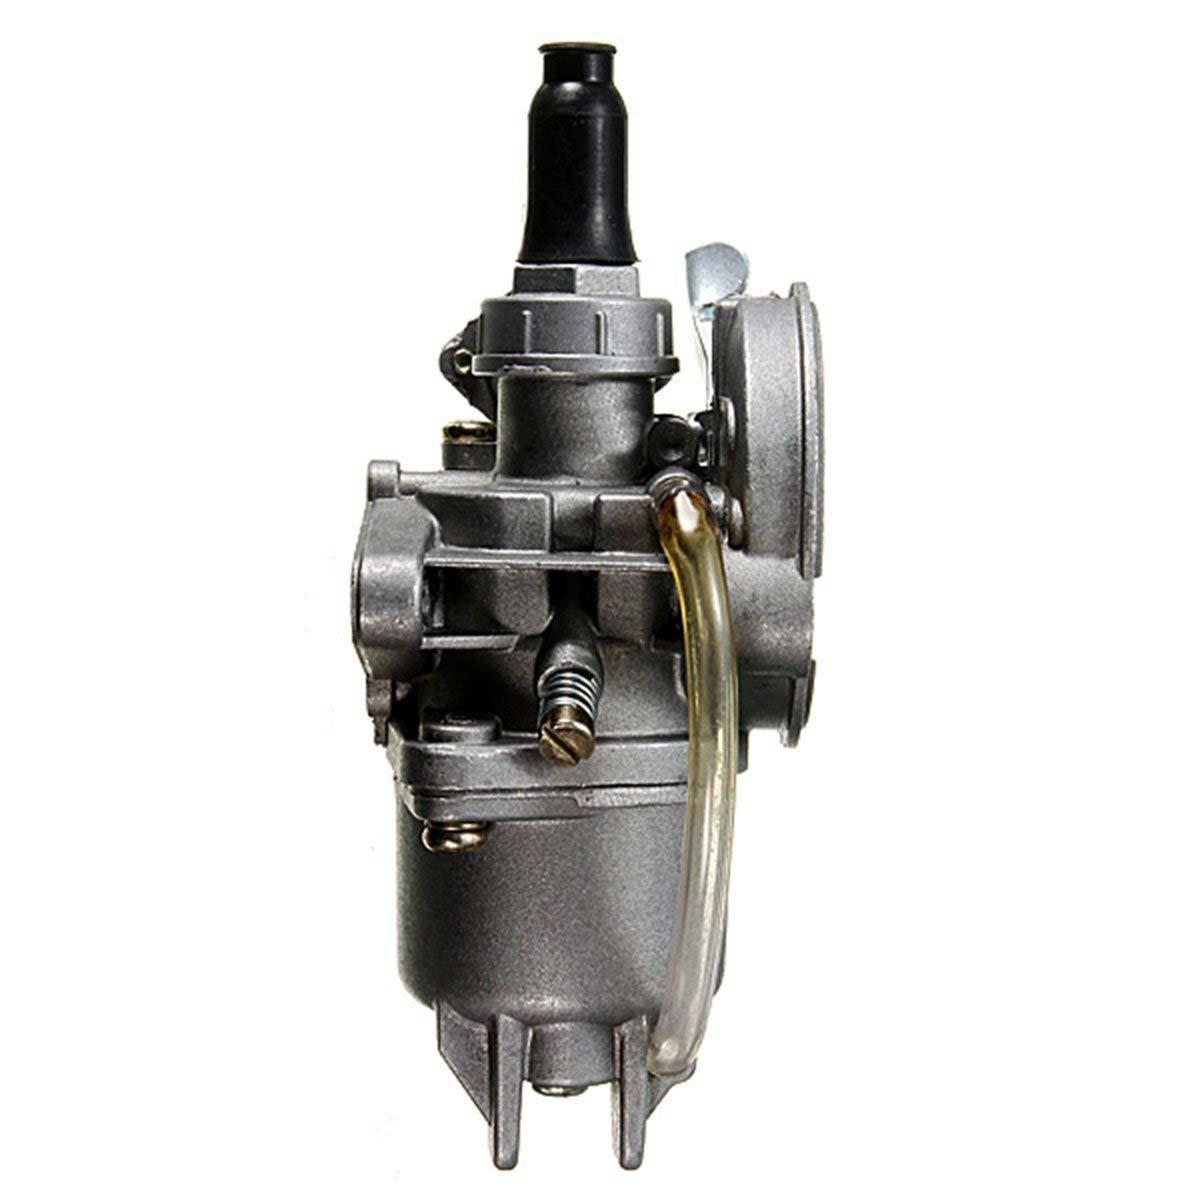 ACAMPTAR 2-Takt-Motor Vergaser Vergaser Fuer Quad ATV Motorrad Dirt Bike 43cc 49CC Taschen